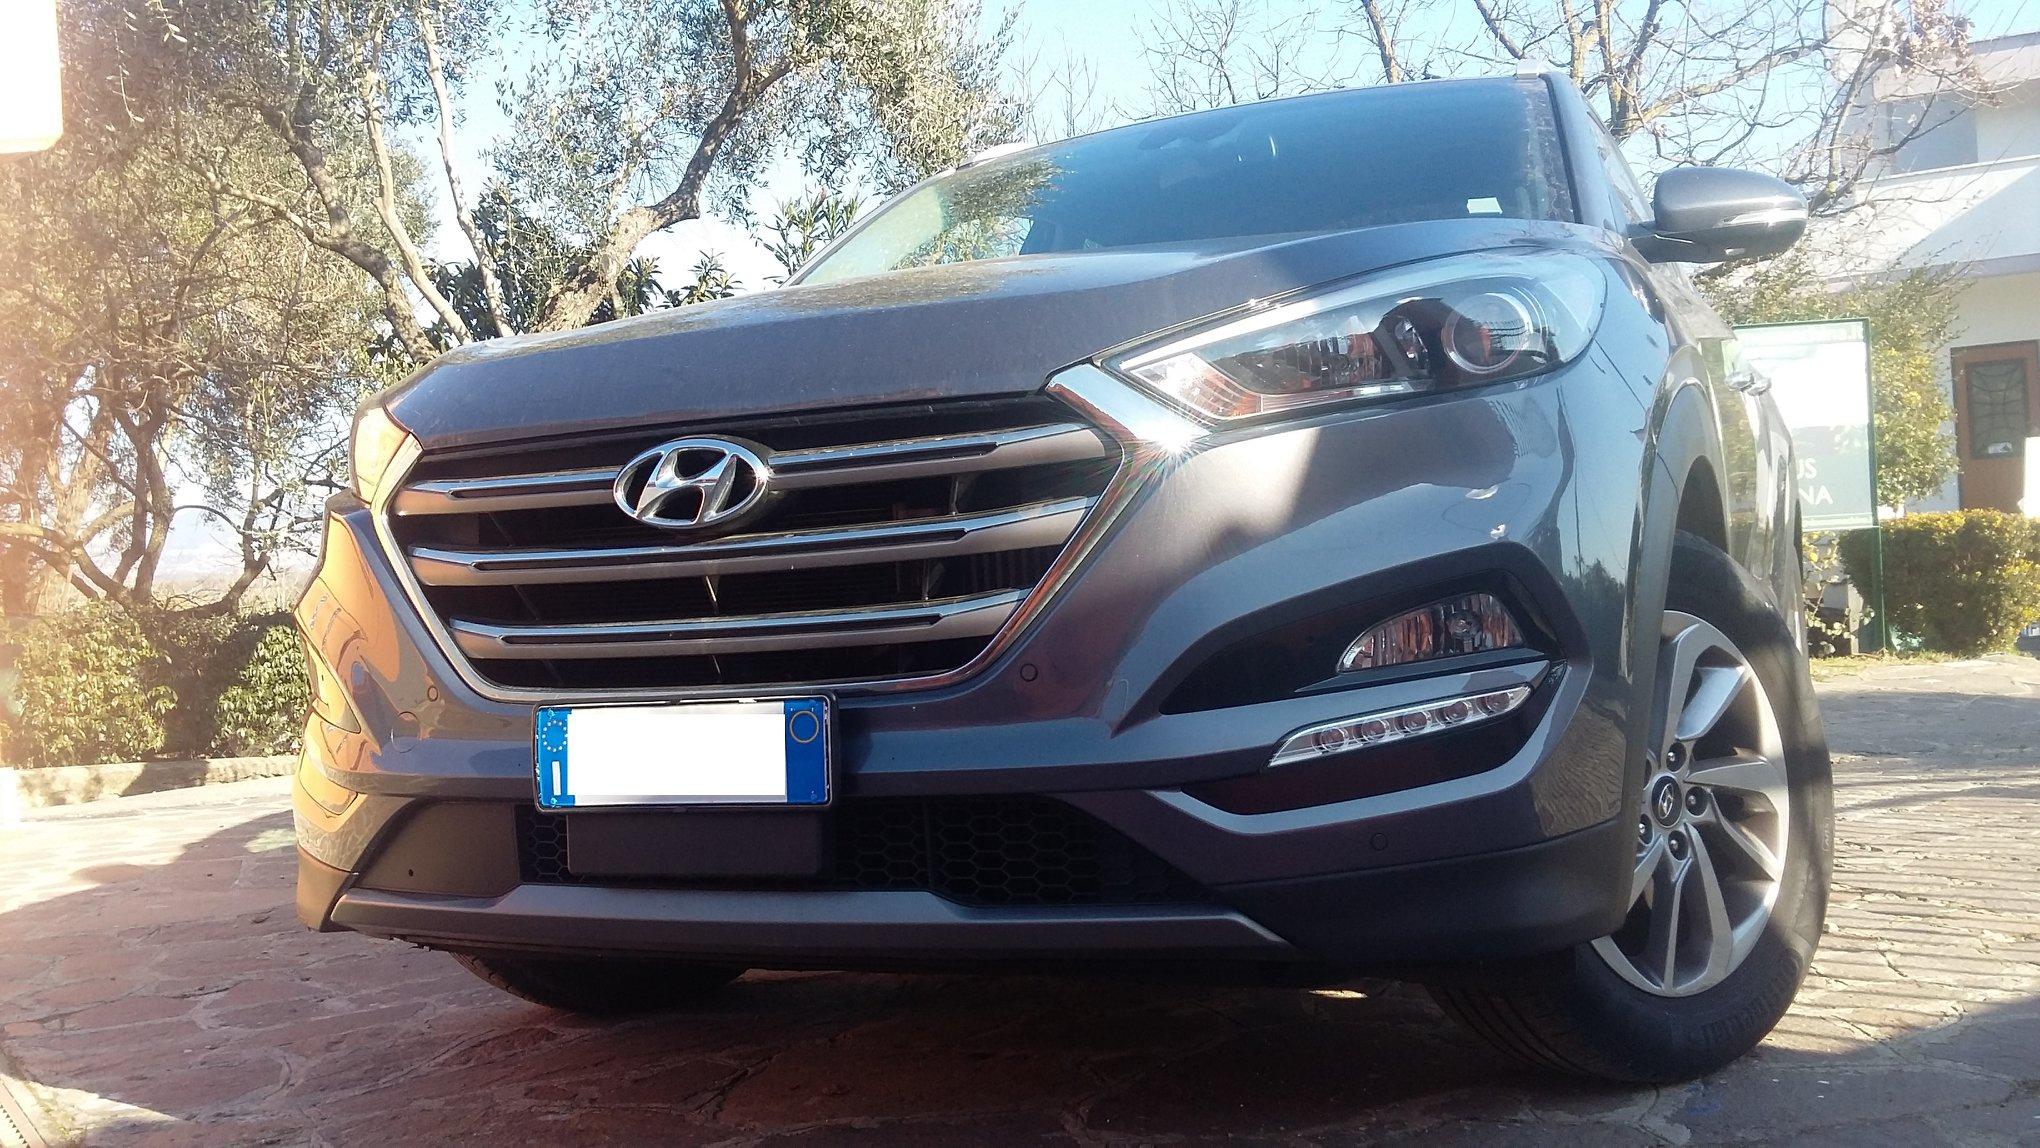 Hyundai Tucson 1.7 CRDi XPossible, gennaio 2016, condizioni pari al nuovo, km. 40.000 certificati, nazionale, unica proprietaria, iper accessoriata, ad €. 17.000,00 + p.p.!